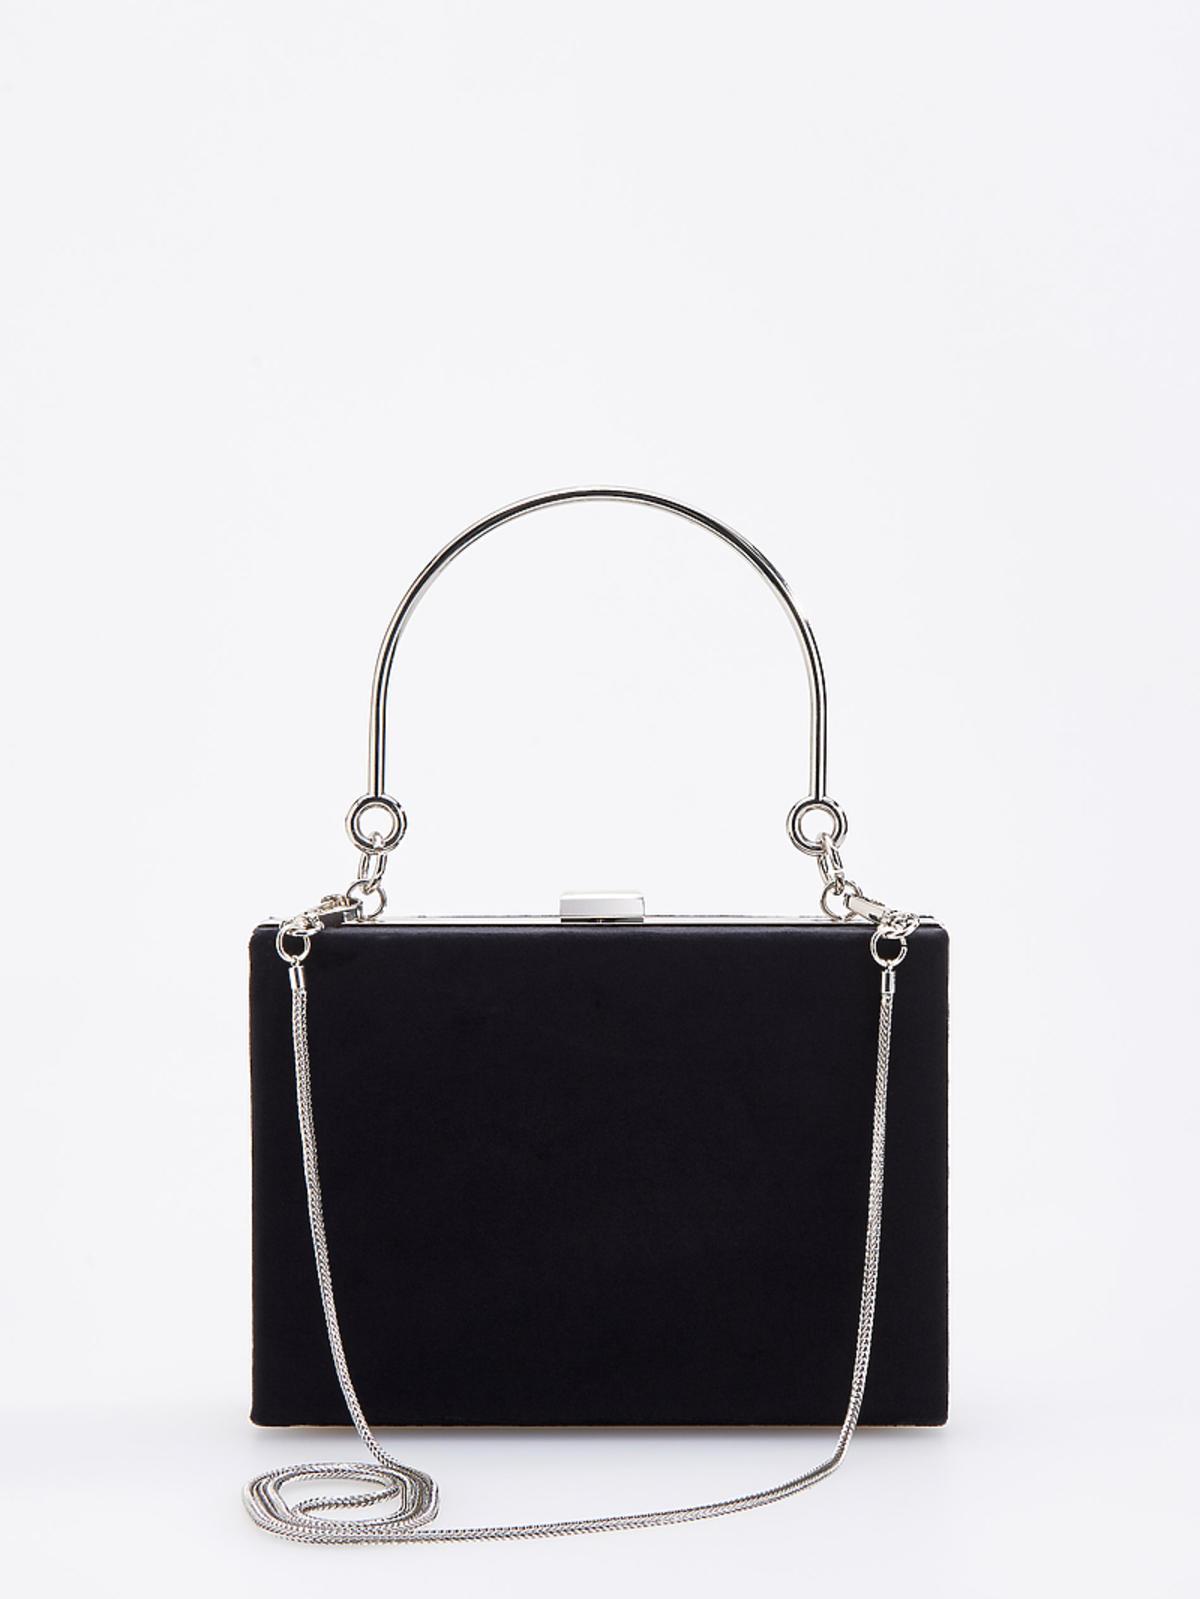 Mała torebka na ramię Reserved cena 159,90 zł